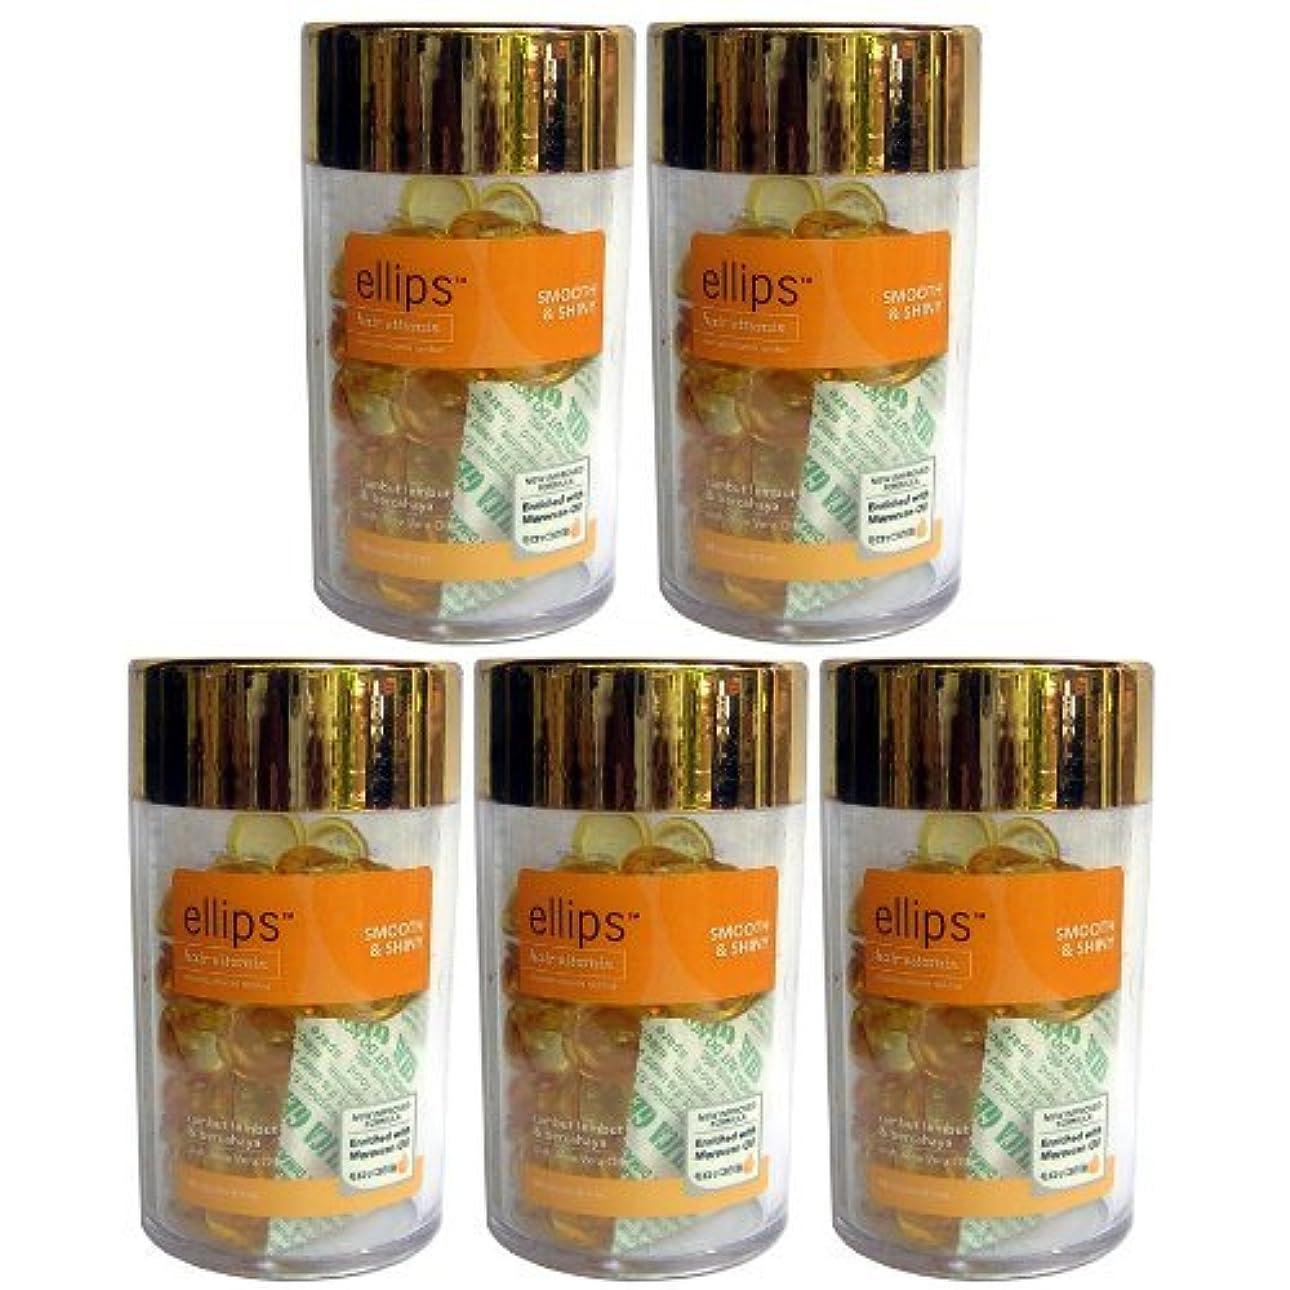 ましいマトリックスファウルEllips(エリプス)ヘアビタミン(50粒入)5個セット [並行輸入品][海外直送品] イエロー